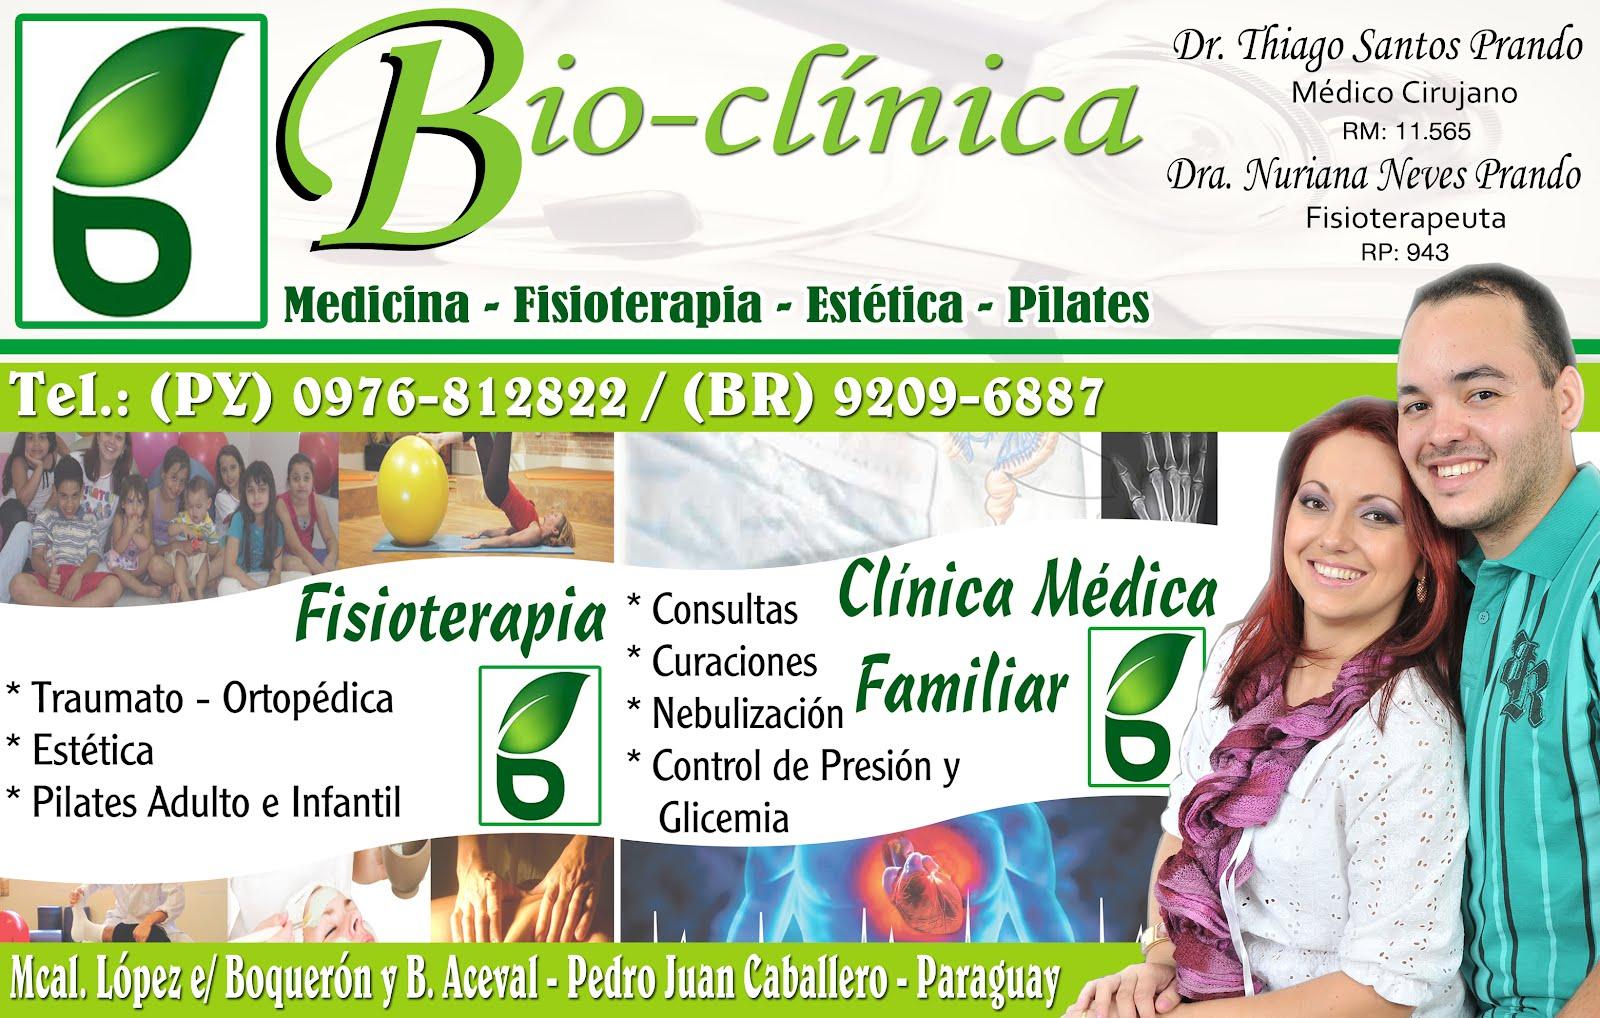 Clínica de Fisioterapia & Rehabilitación